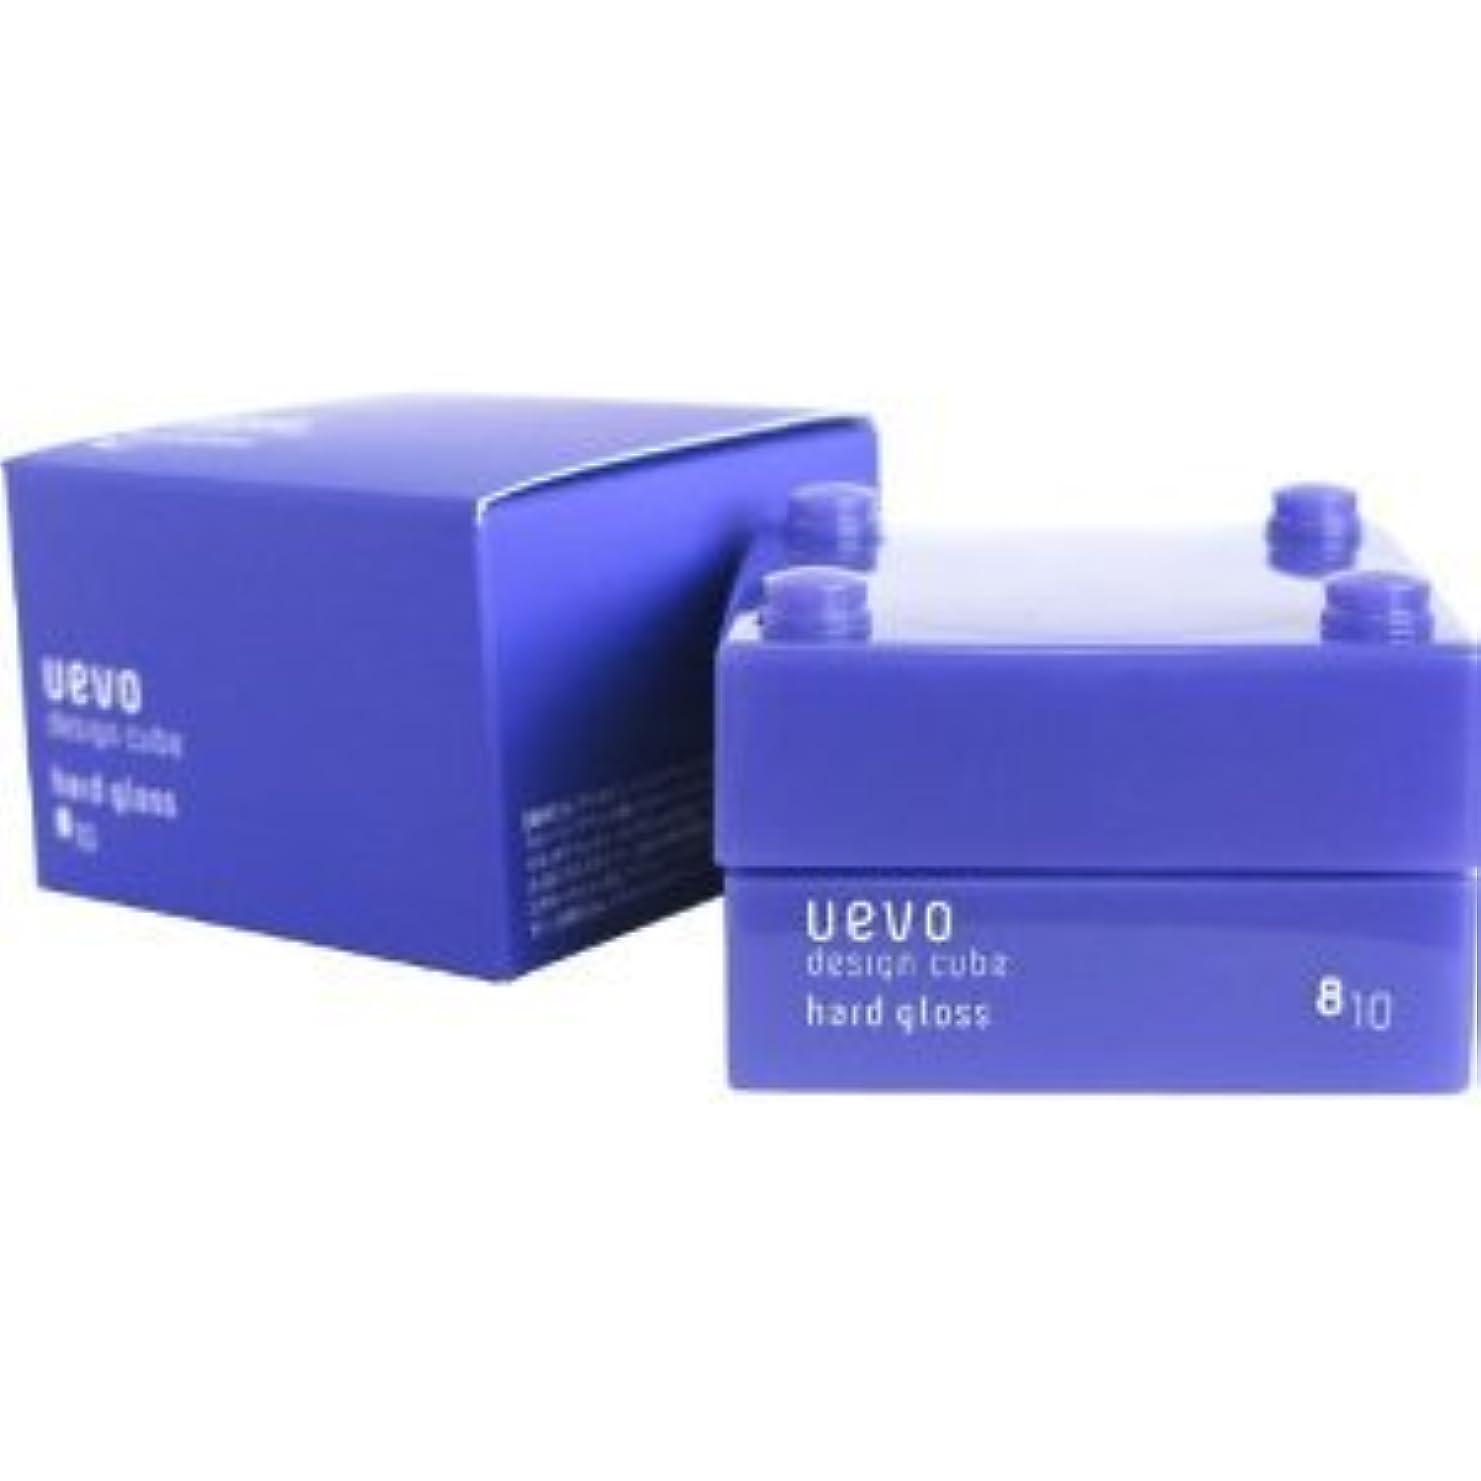 走る花火鮮やかな【X2個セット】 デミ ウェーボ デザインキューブ ハードグロス 30g hard gloss DEMI uevo design cube